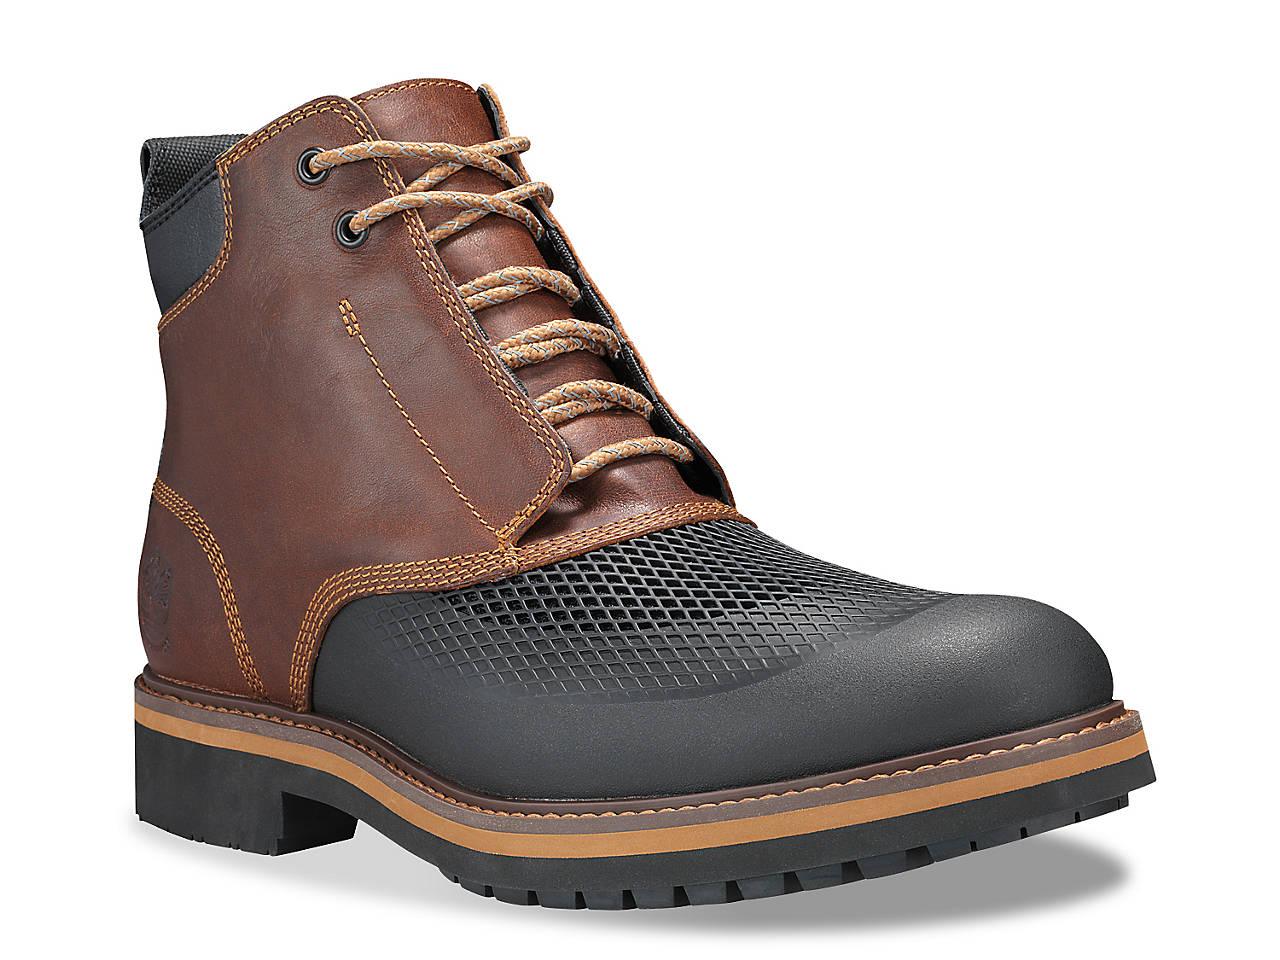 scarpe timberland costo, Timberland Backpack Sport Paloma